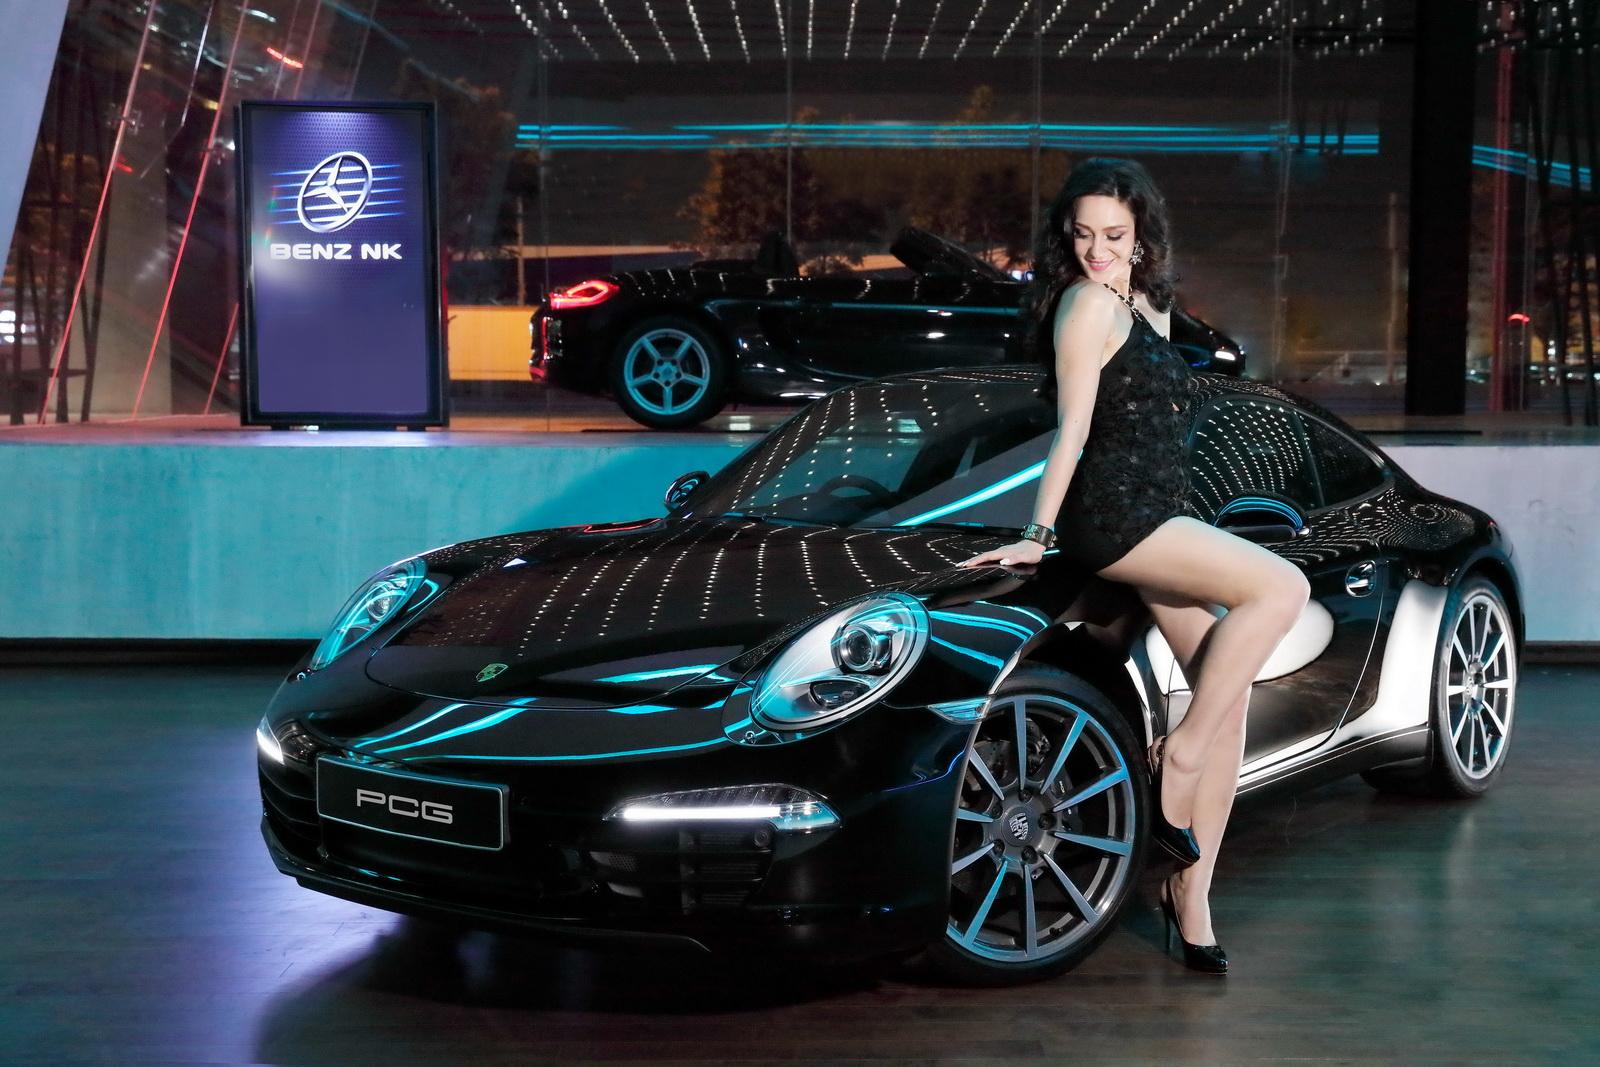 Benz Nk Porsche Car Gallery Pcg By Nk